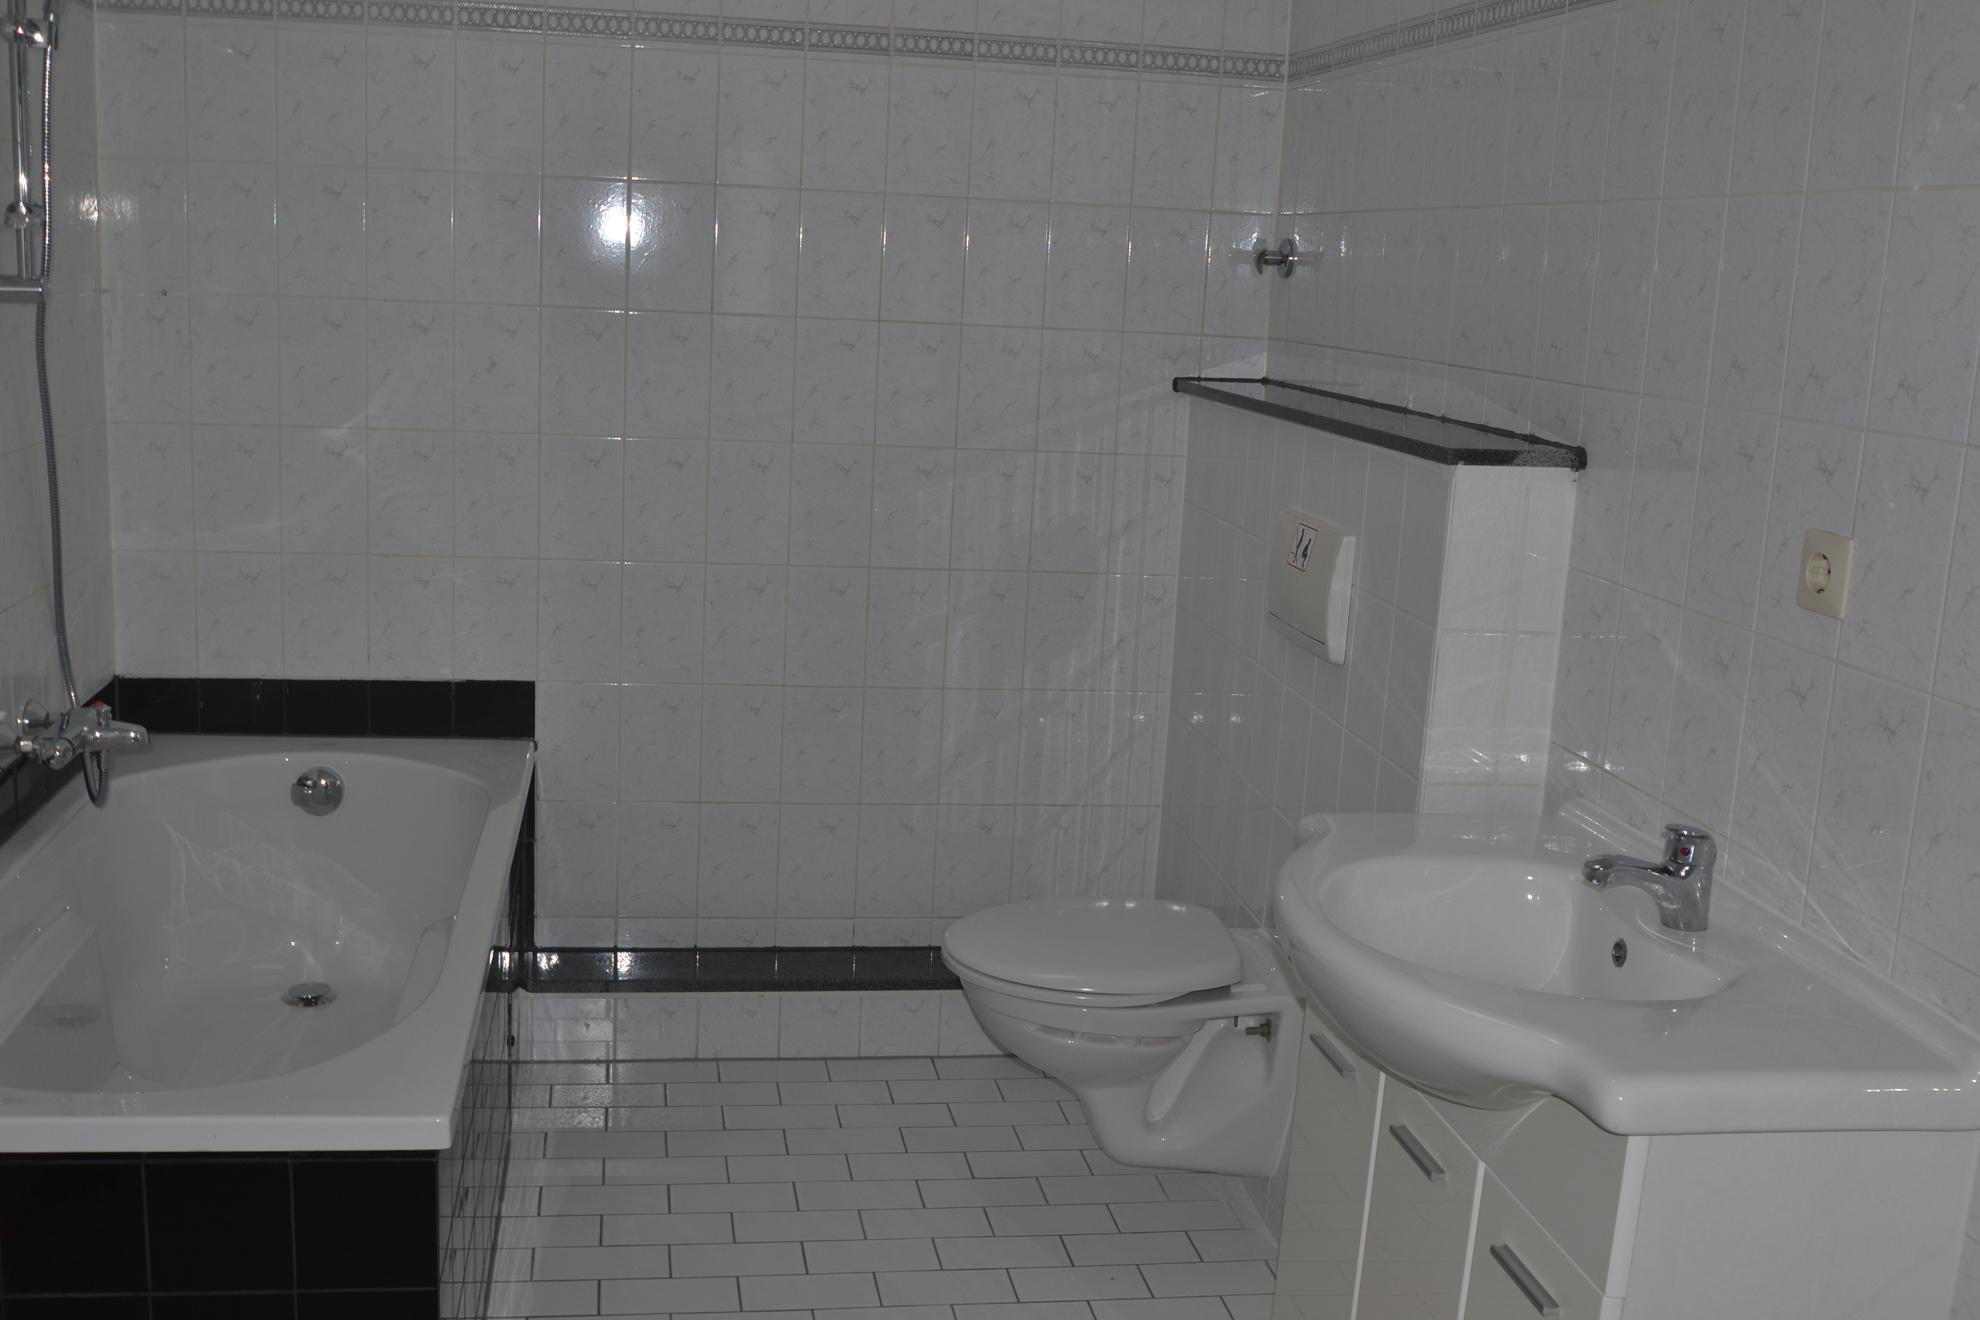 schwarze badewanne • bilder & ideen • couchstyle, Badezimmer ideen